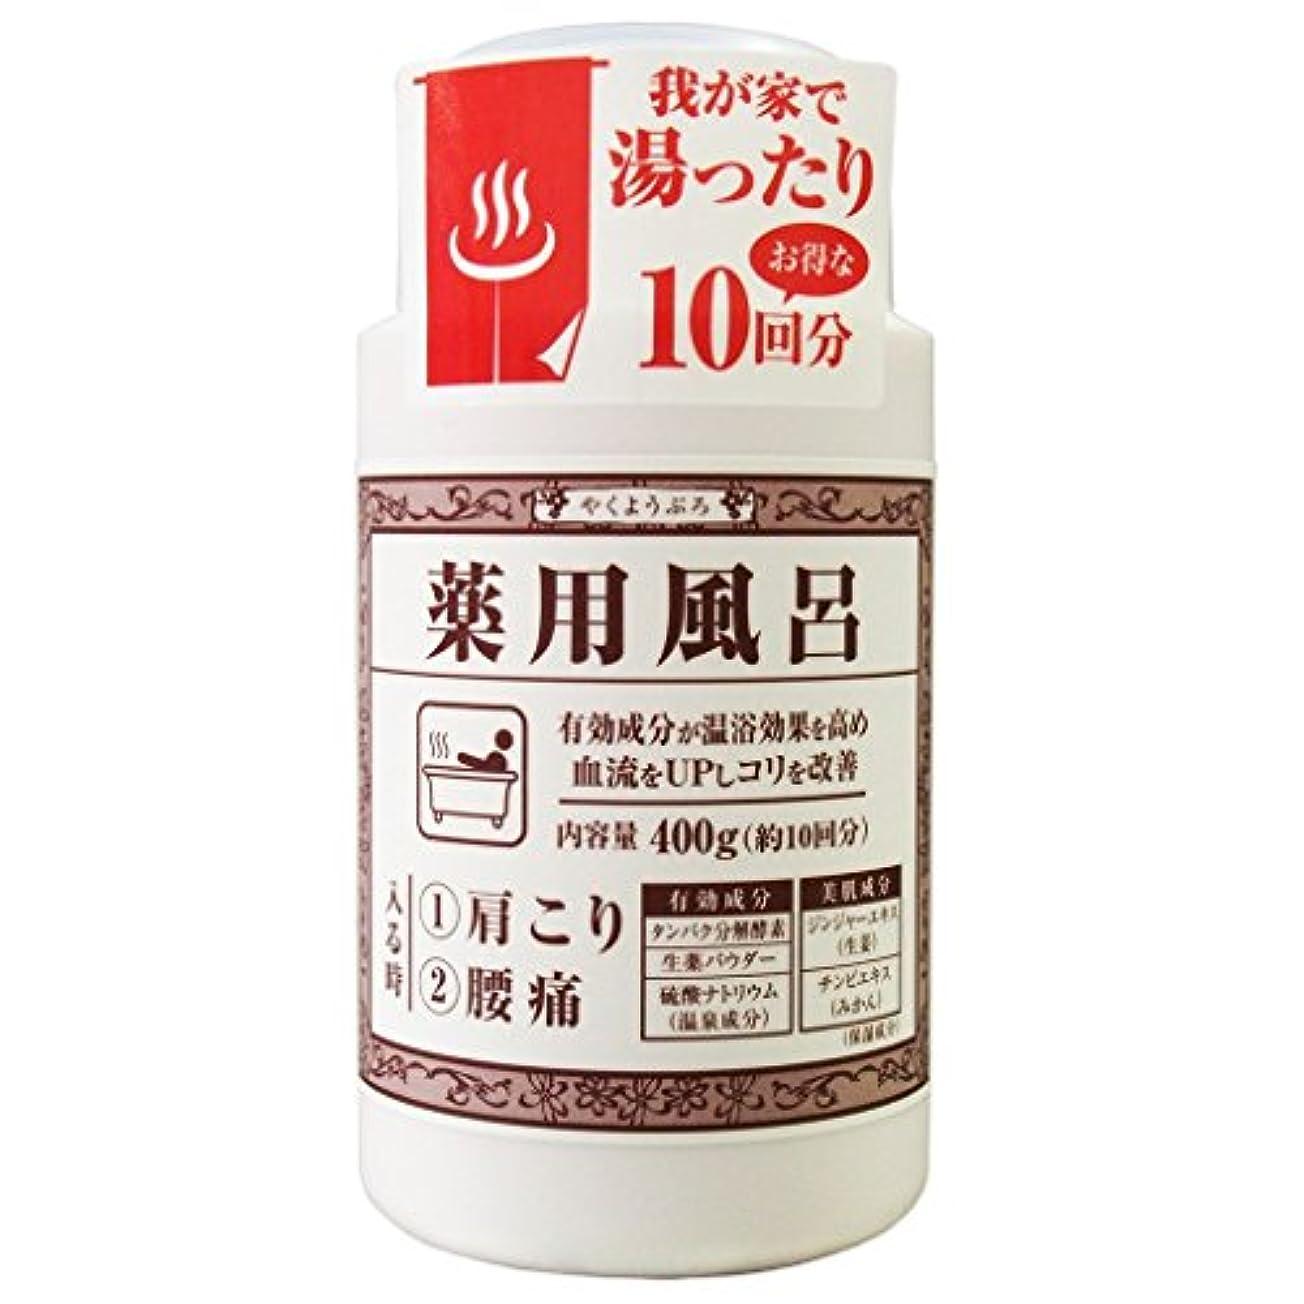 スローマイクロ計算する薬用風呂KKa 肩こり?腰痛 ボトル 400g(医薬部外品)